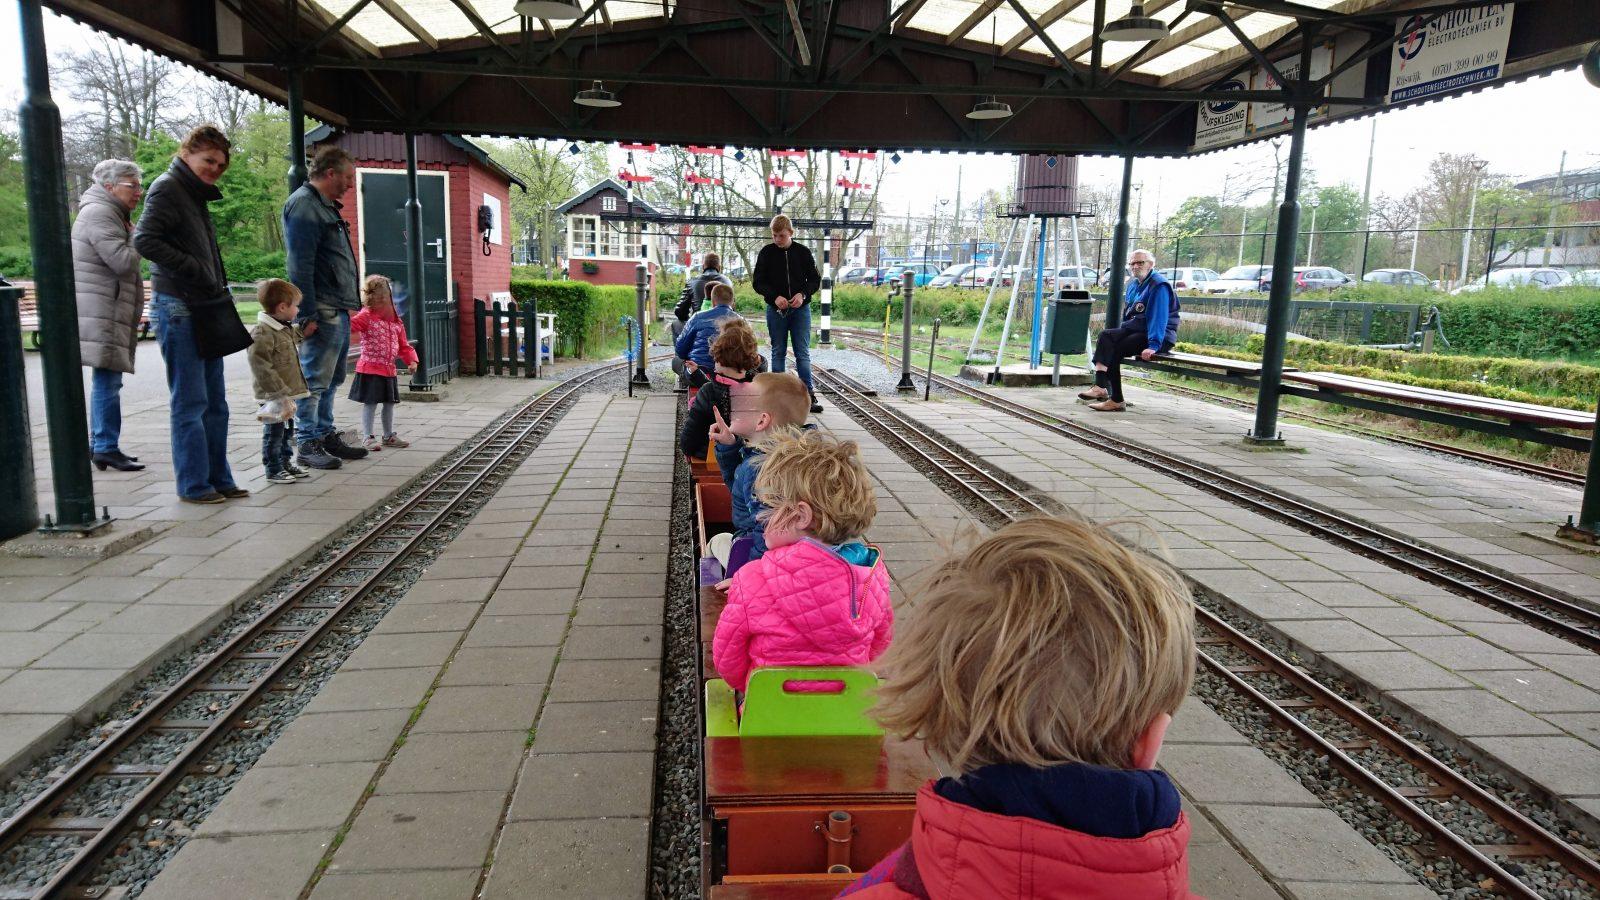 Trein zuiderpark station